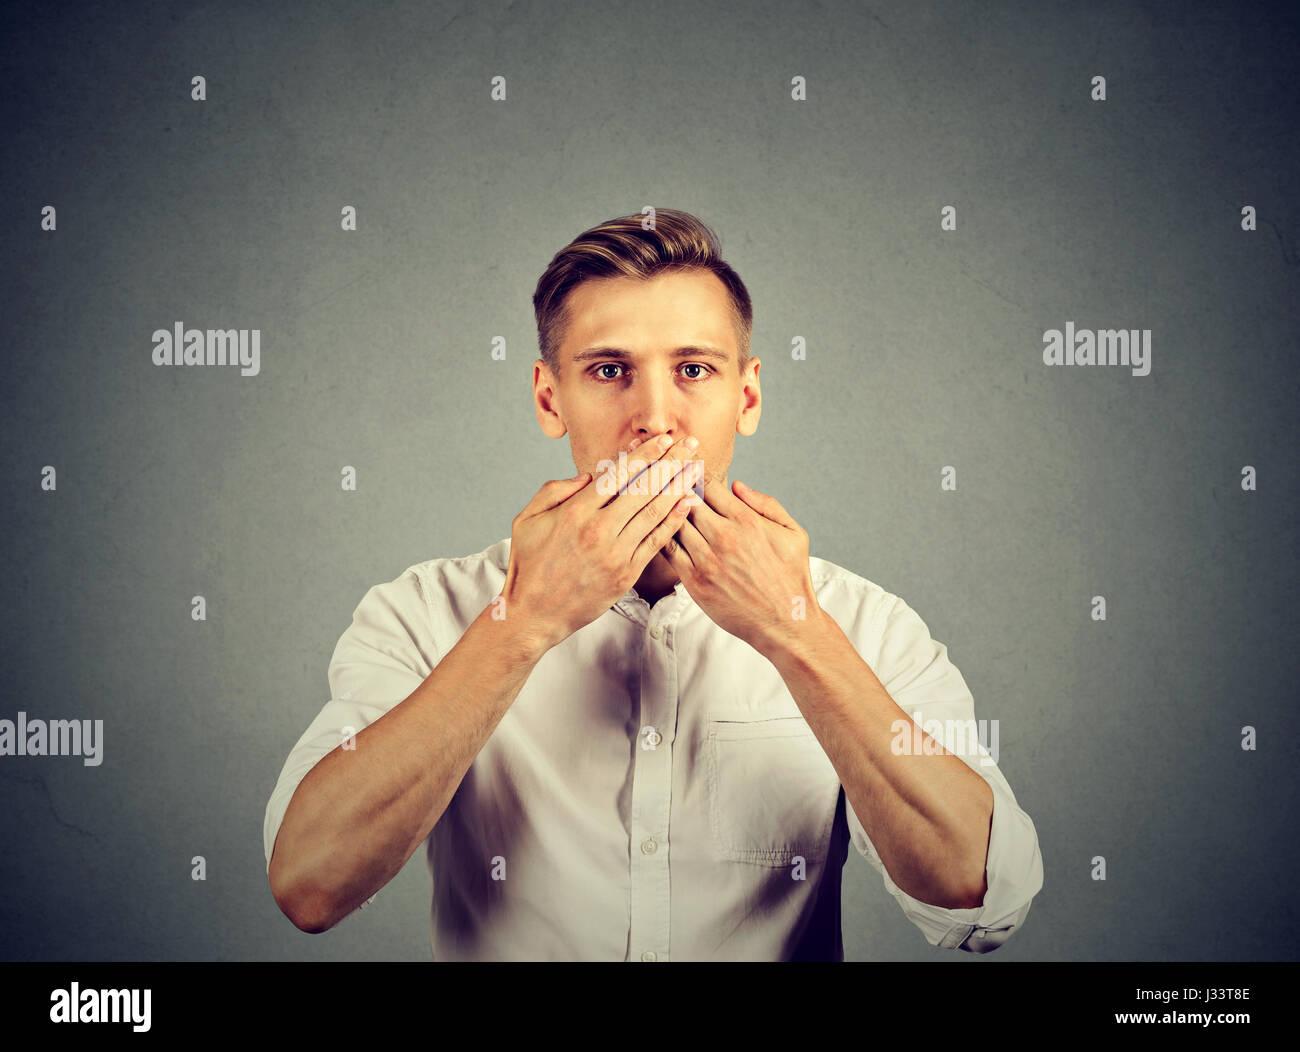 El hombre con la mano sobre su boca, mudo aislado sobre fondo de pared gris Imagen De Stock